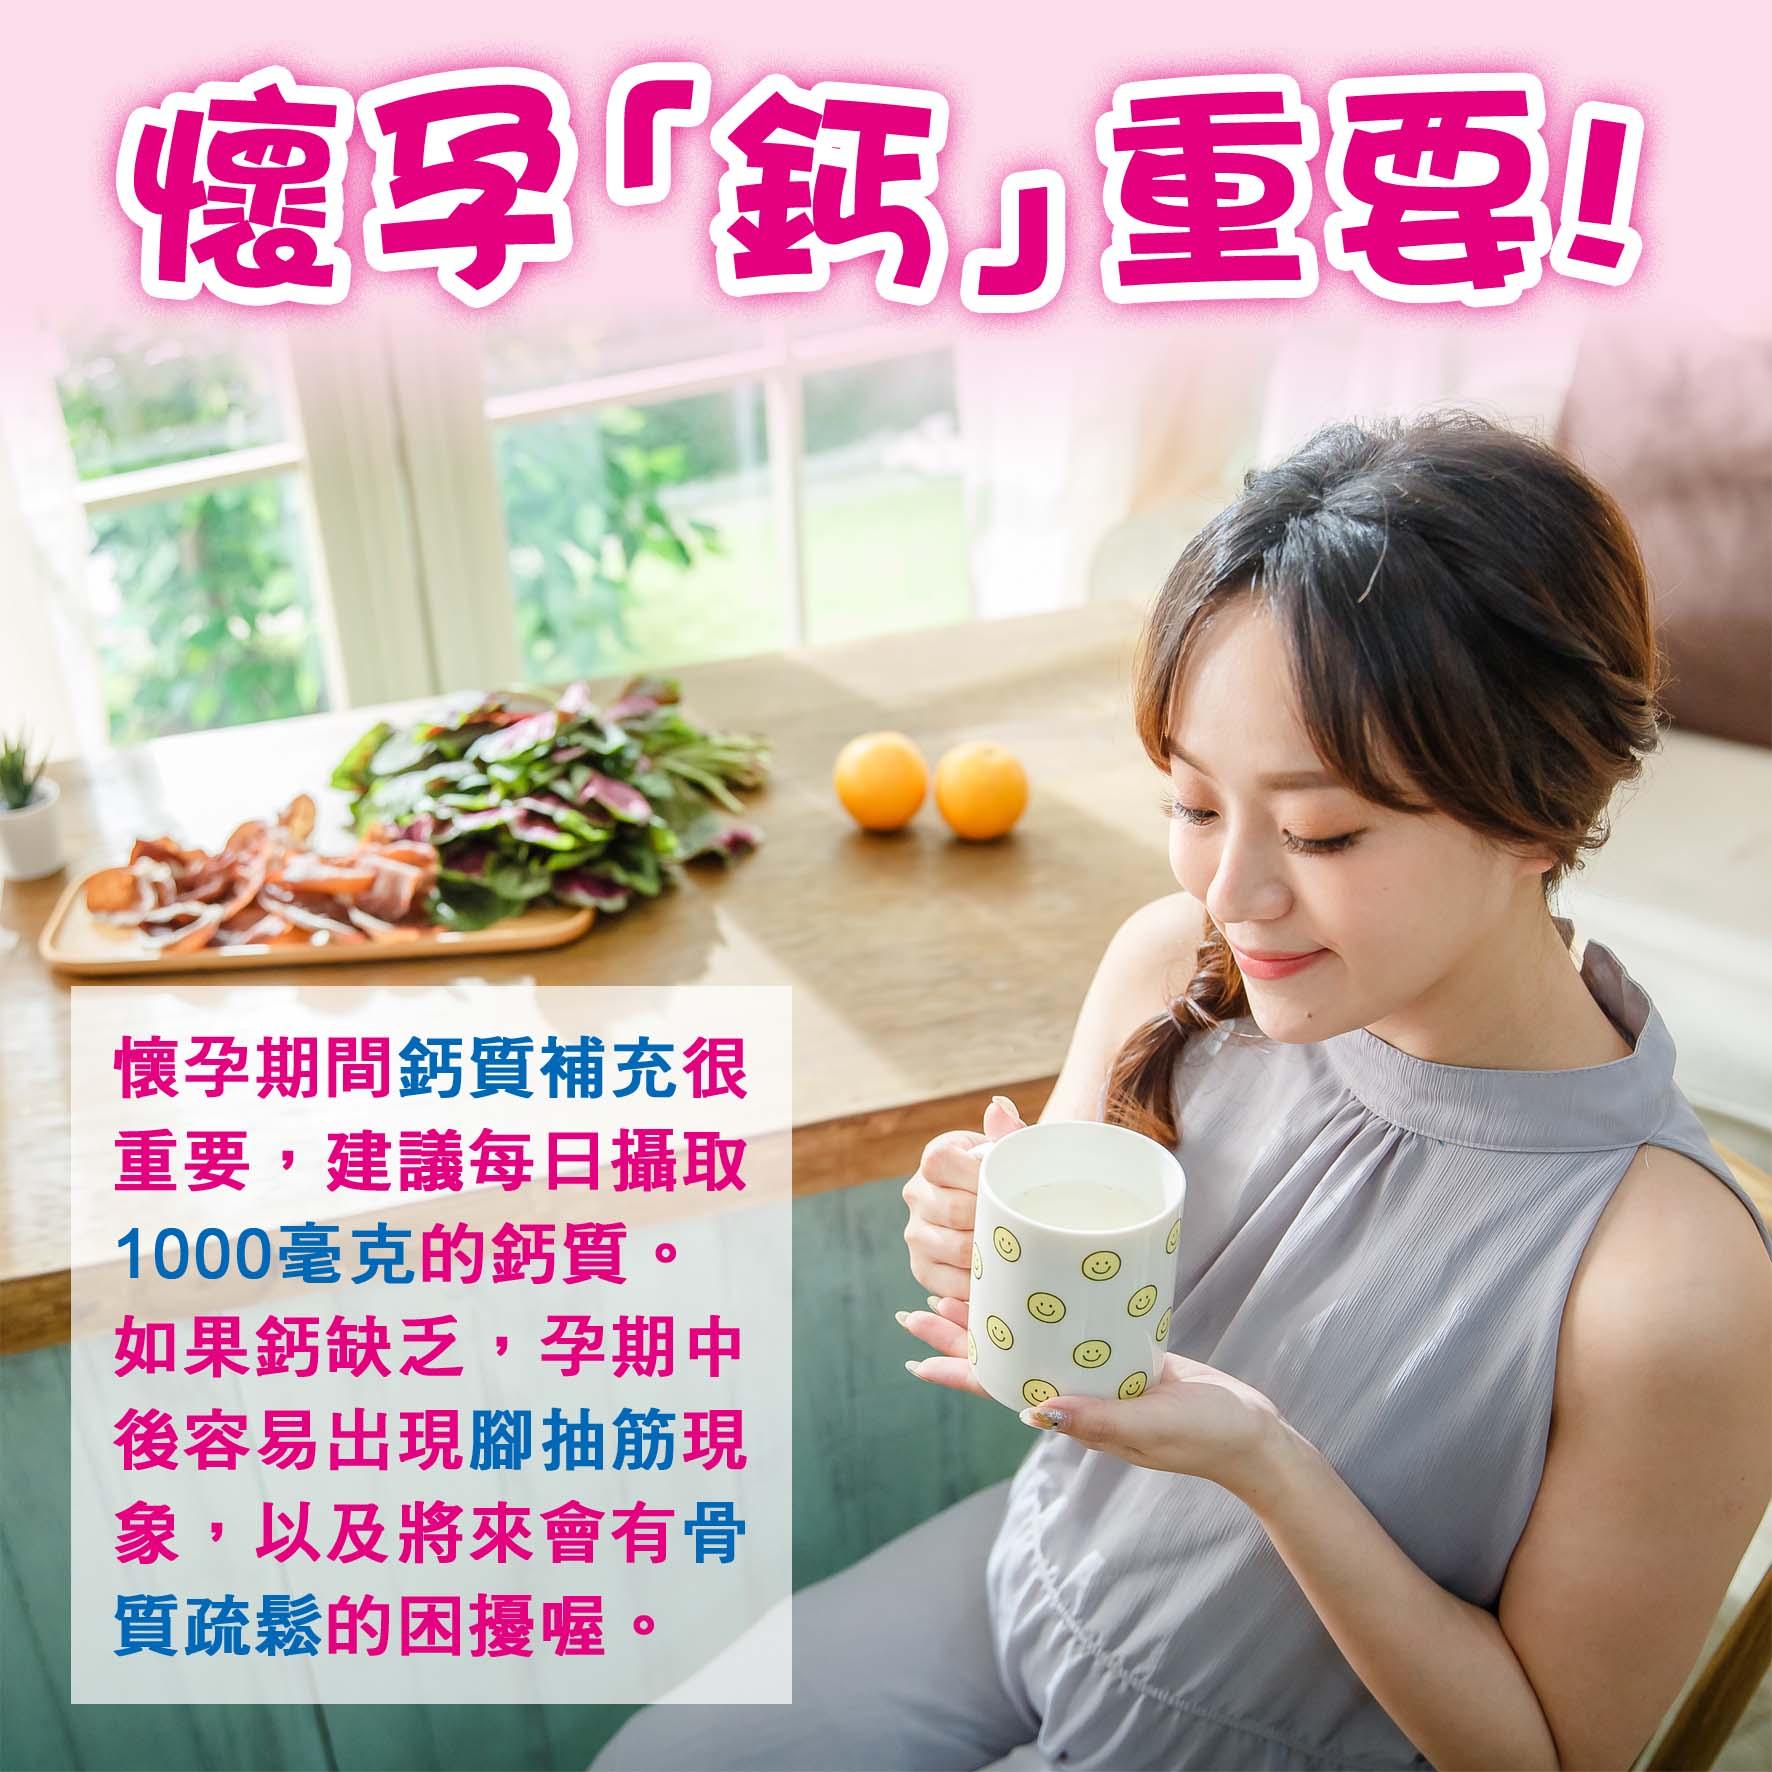 懷孕第11週-懷孕「鈣重要」